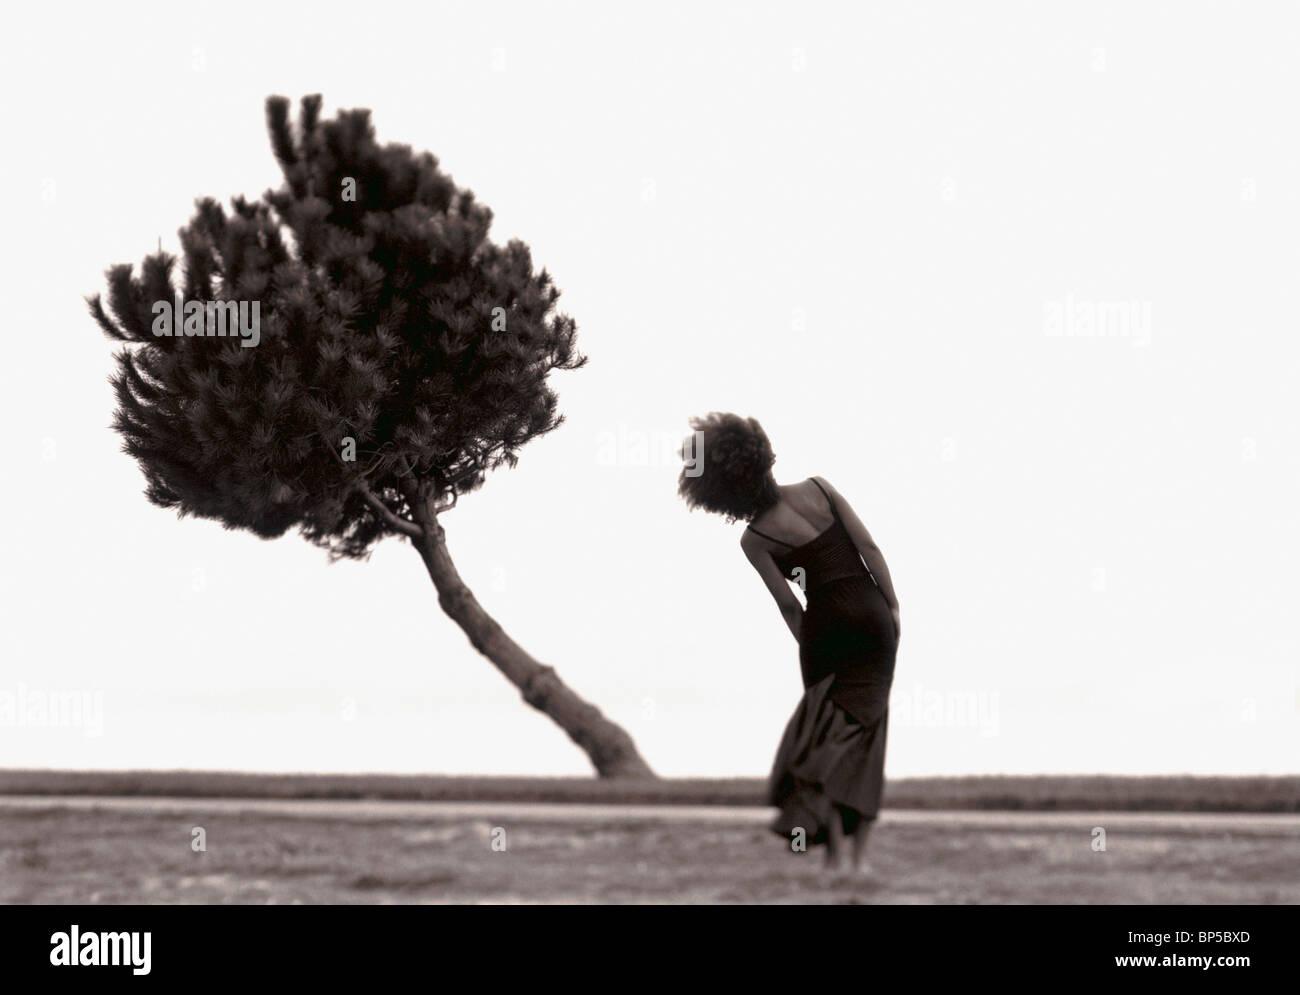 La donna nel paesaggio corpo di piegatura ad imitare la piegatura ad albero. Immagini Stock